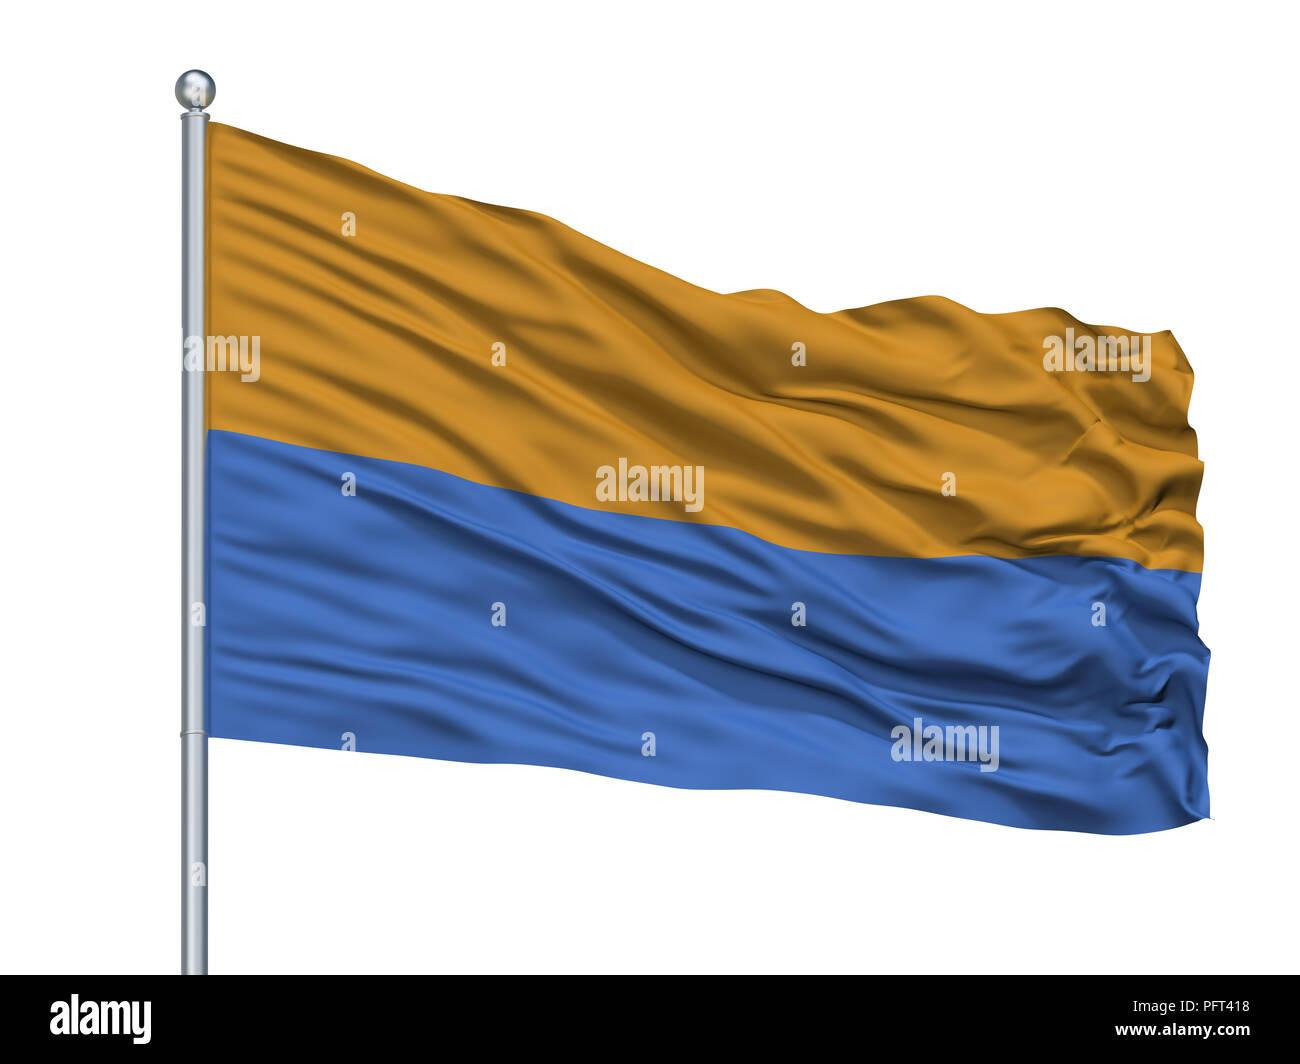 Carrefour City Flag On Flagpole, Haiti, Isolated On White Background - Stock Image